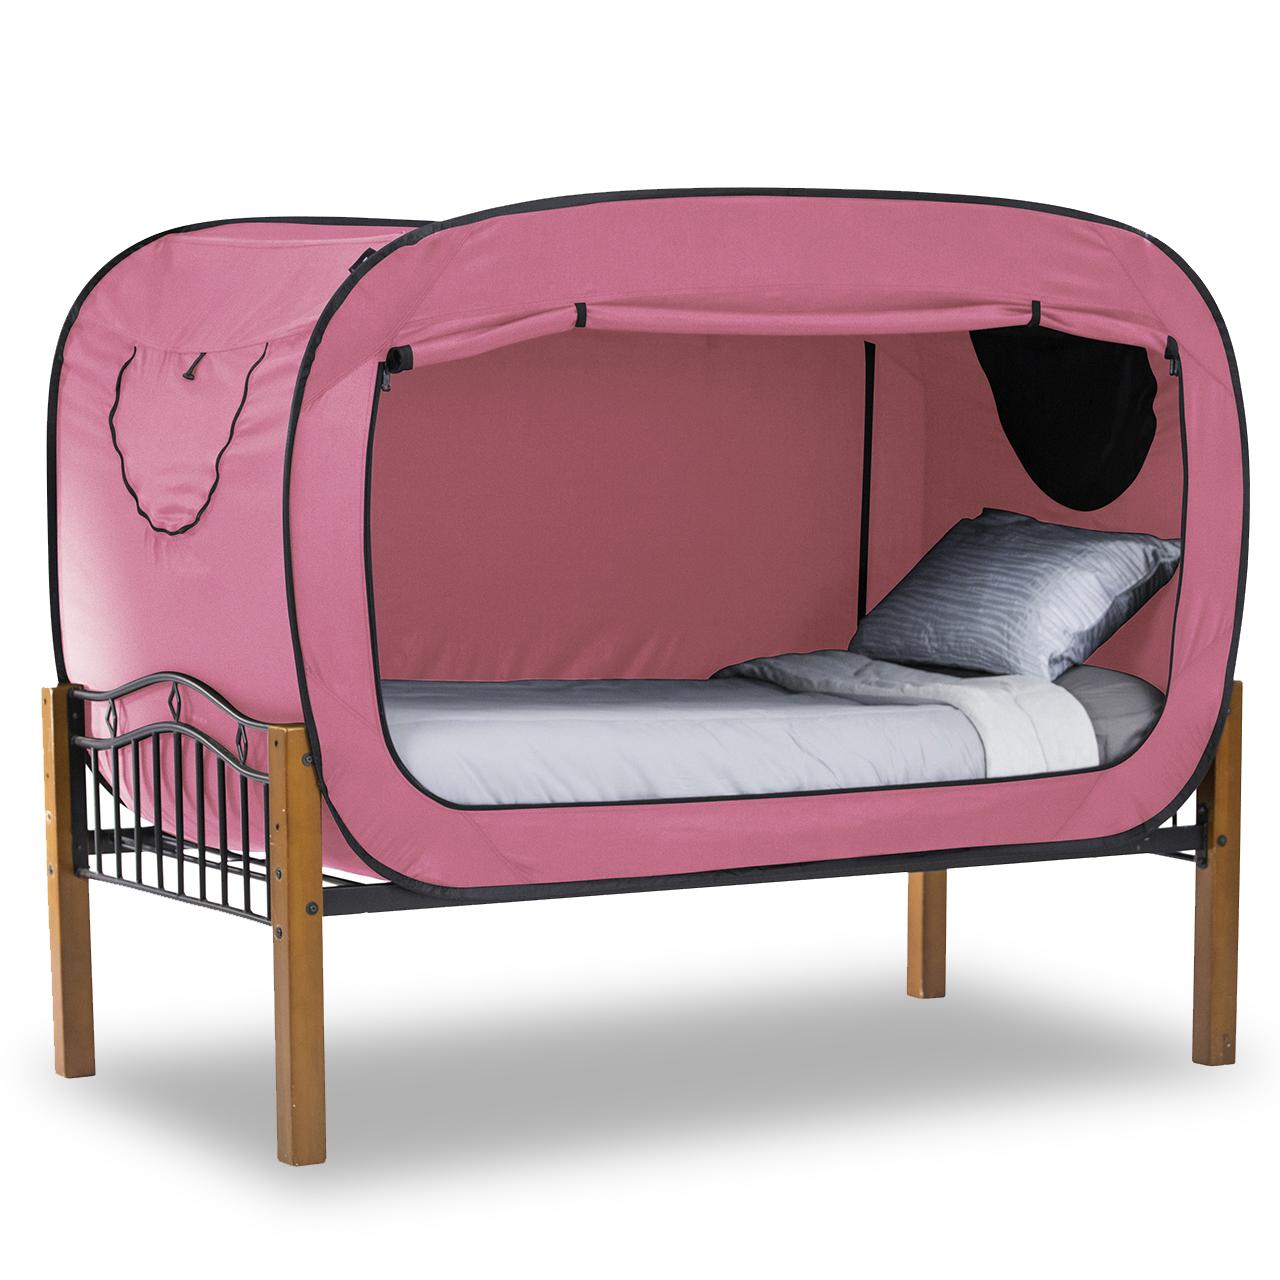 包郵家庭宿舍帳篷初高中大學生隱私床幔遮光透氣單人雙人床上下鋪